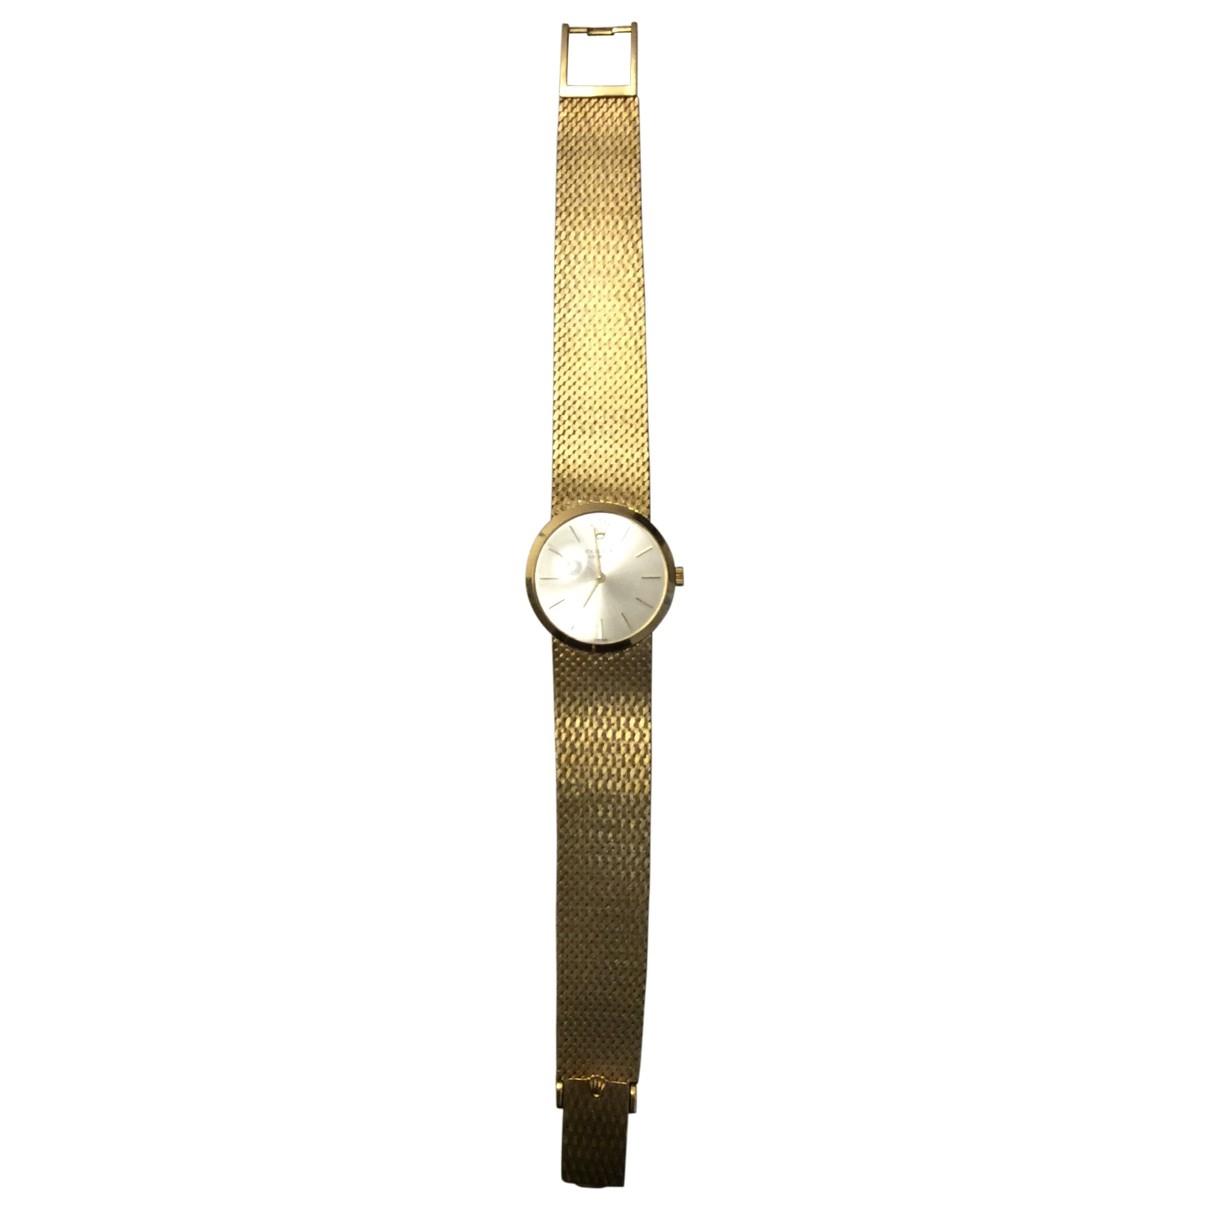 Rolex \N Uhr in  Gold Gelbgold